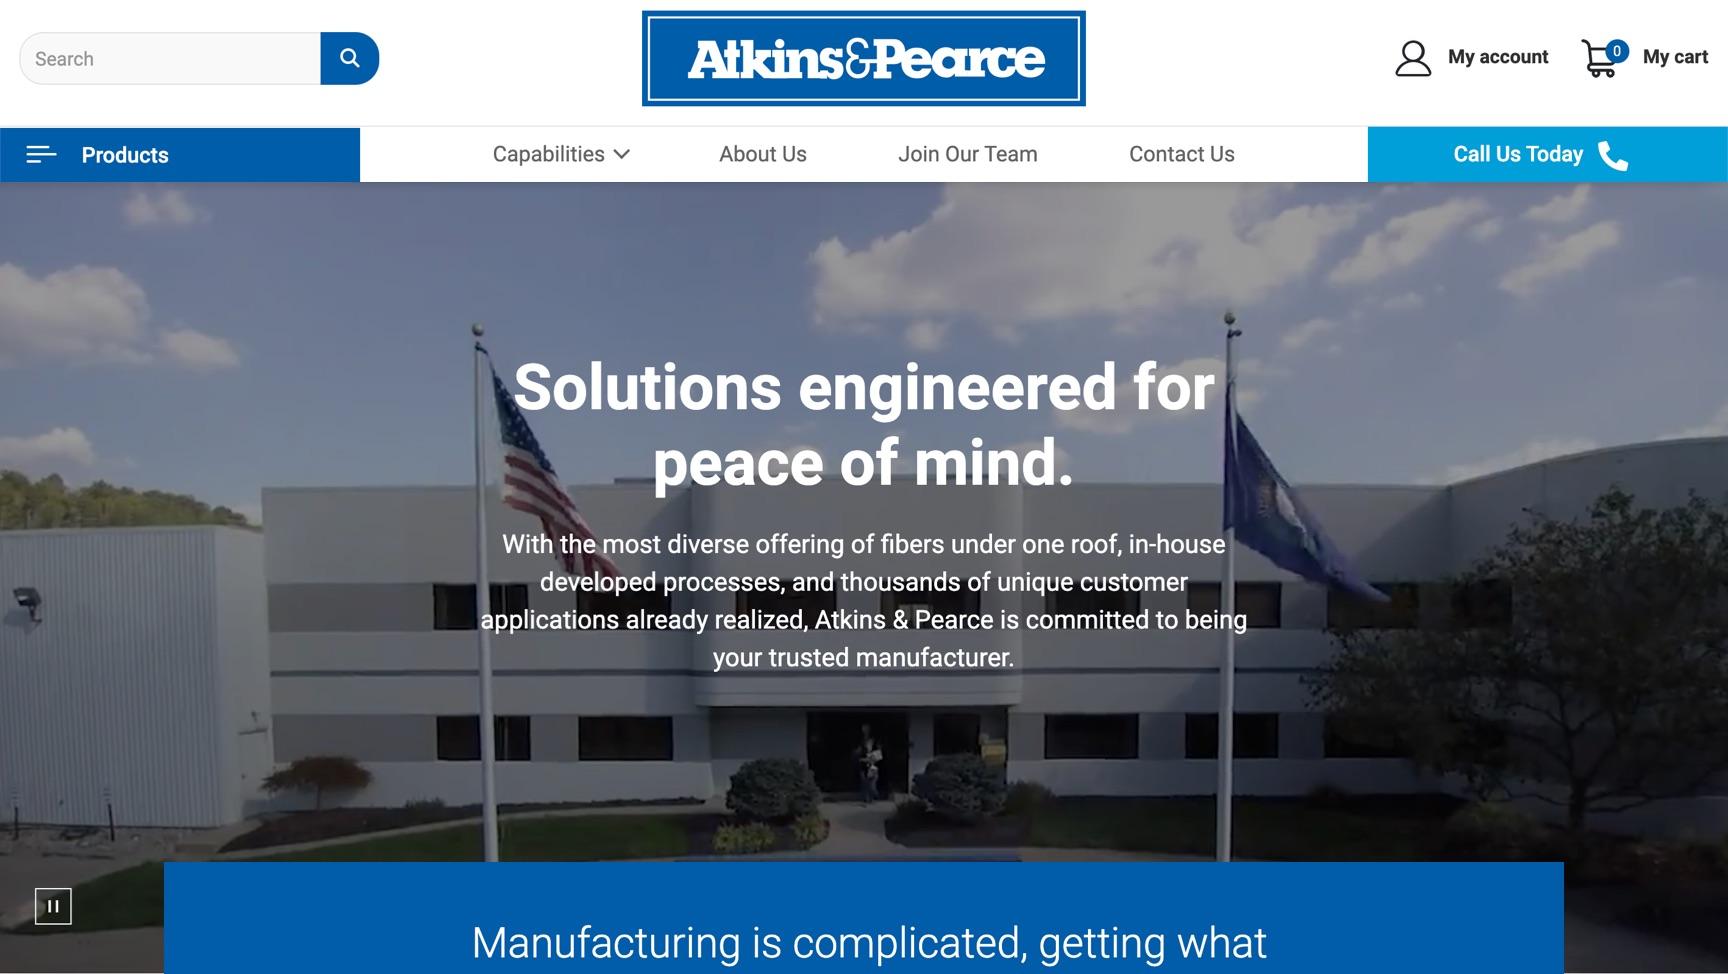 Atkins & Pearce homepage screenshot